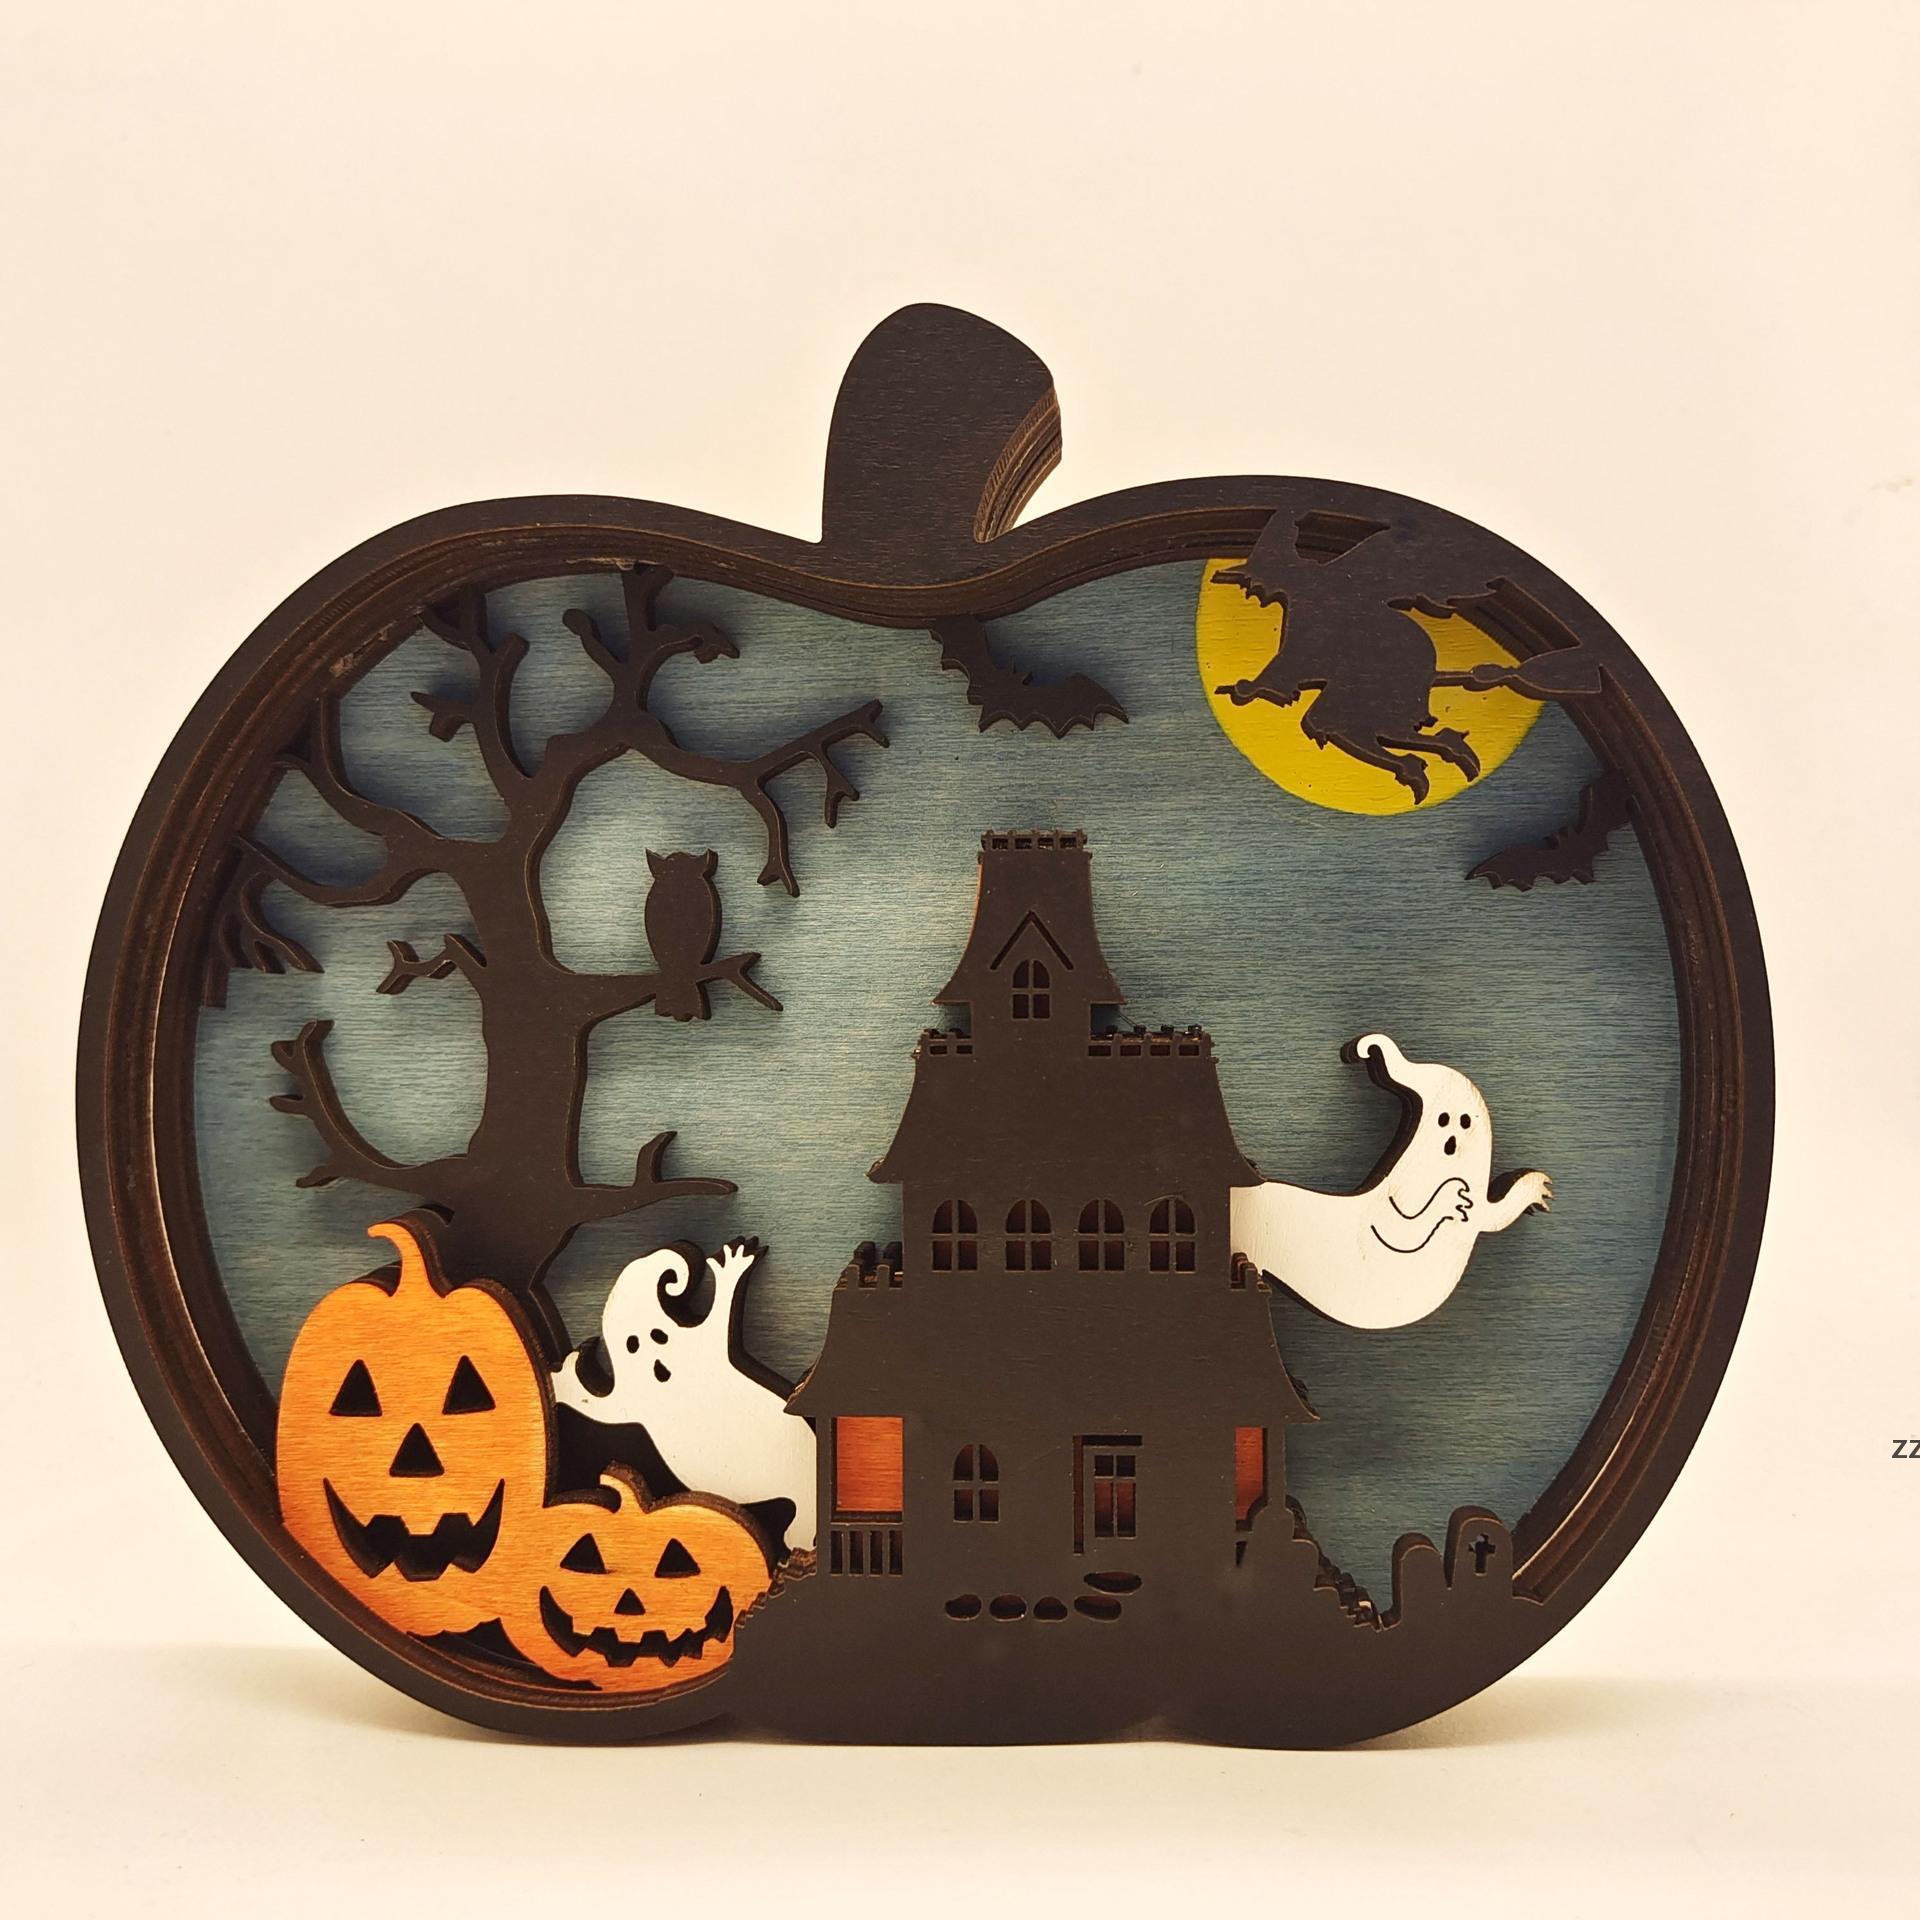 Decoración de Halloween Calabaza creativa Luz de talla de madera Patrón de calabaza Lámpara de calabaza Party Precs Decoraciones HWB10669